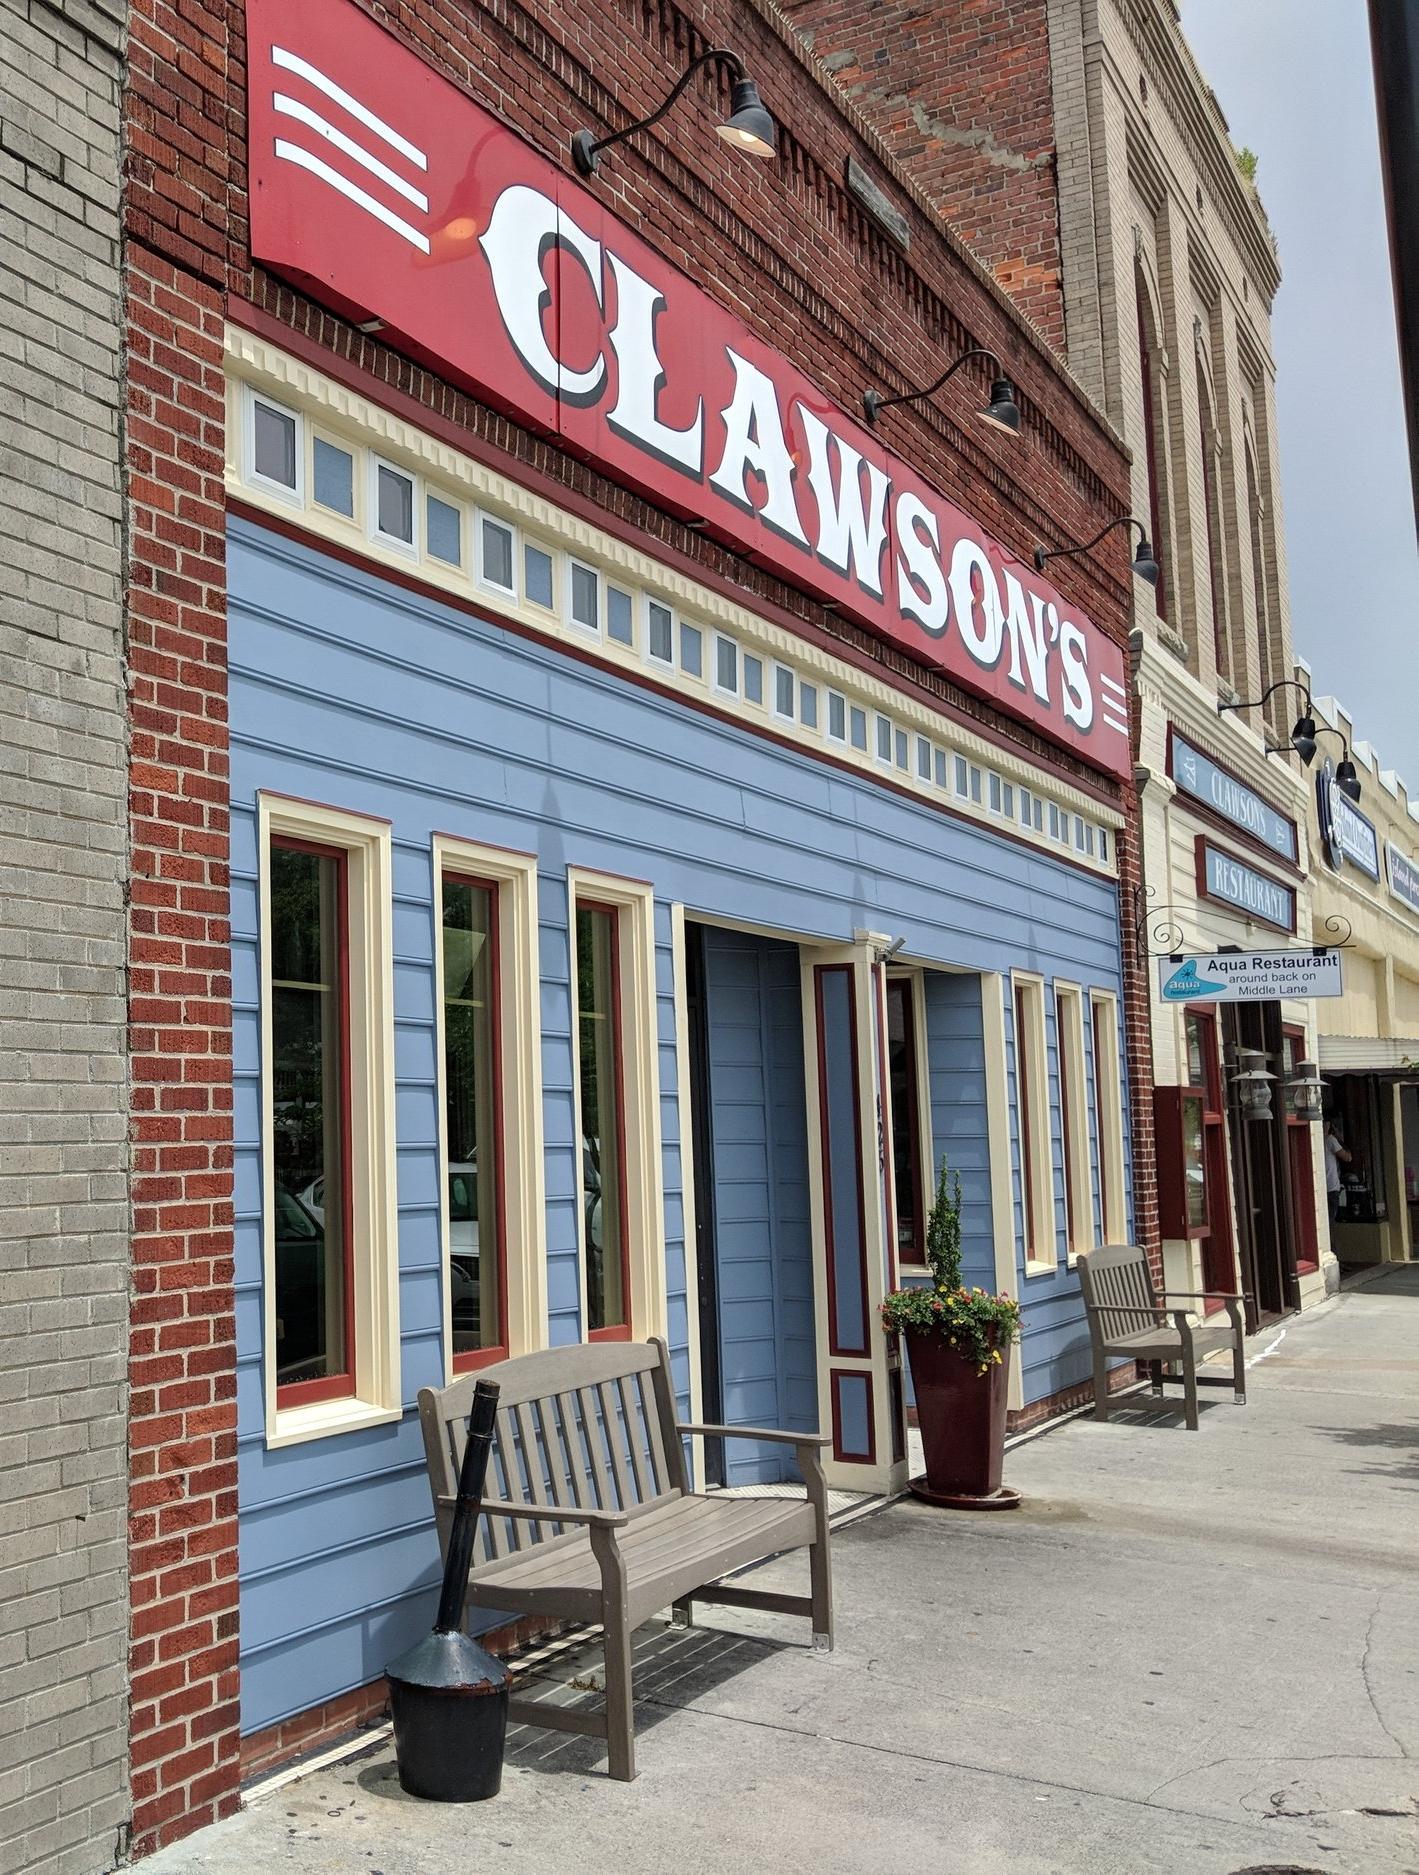 Clawson's Restaurant